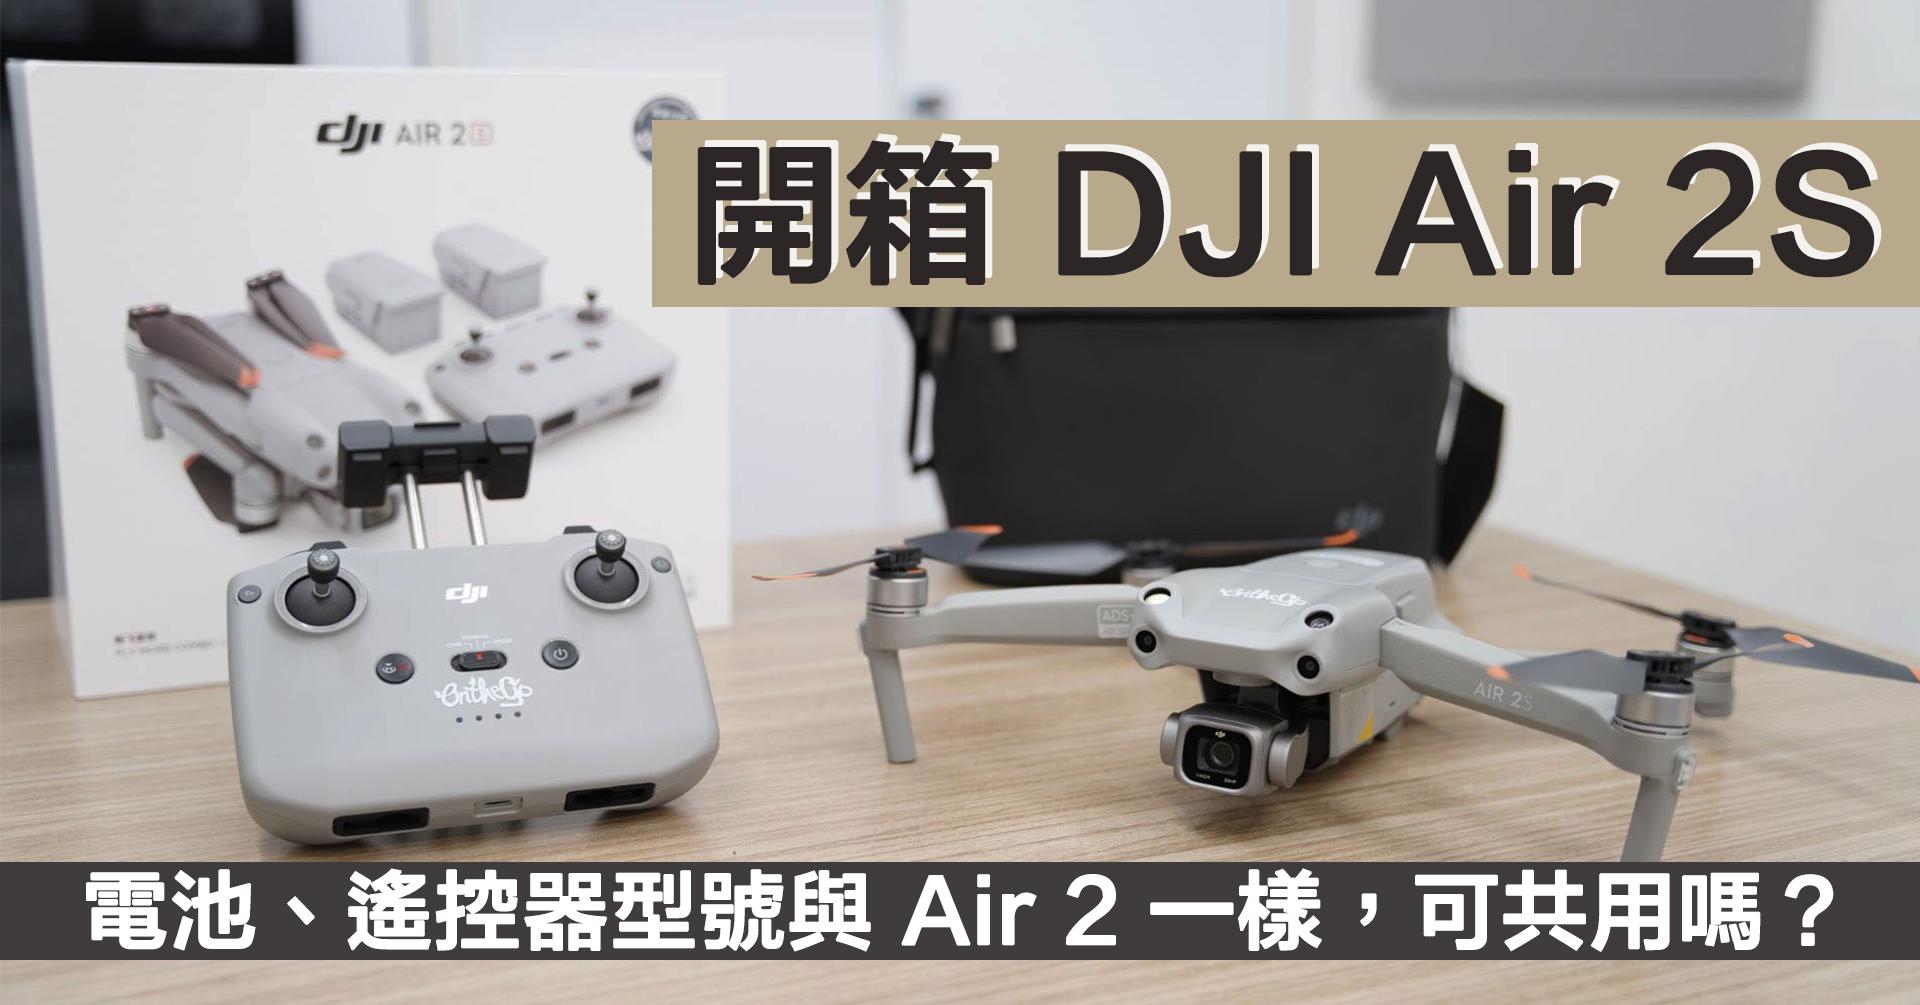 """DJI Air 2S 開箱 :搭載 1"""" 感光元件 可拍攝 5.4K 影片 升級 4 向避障"""